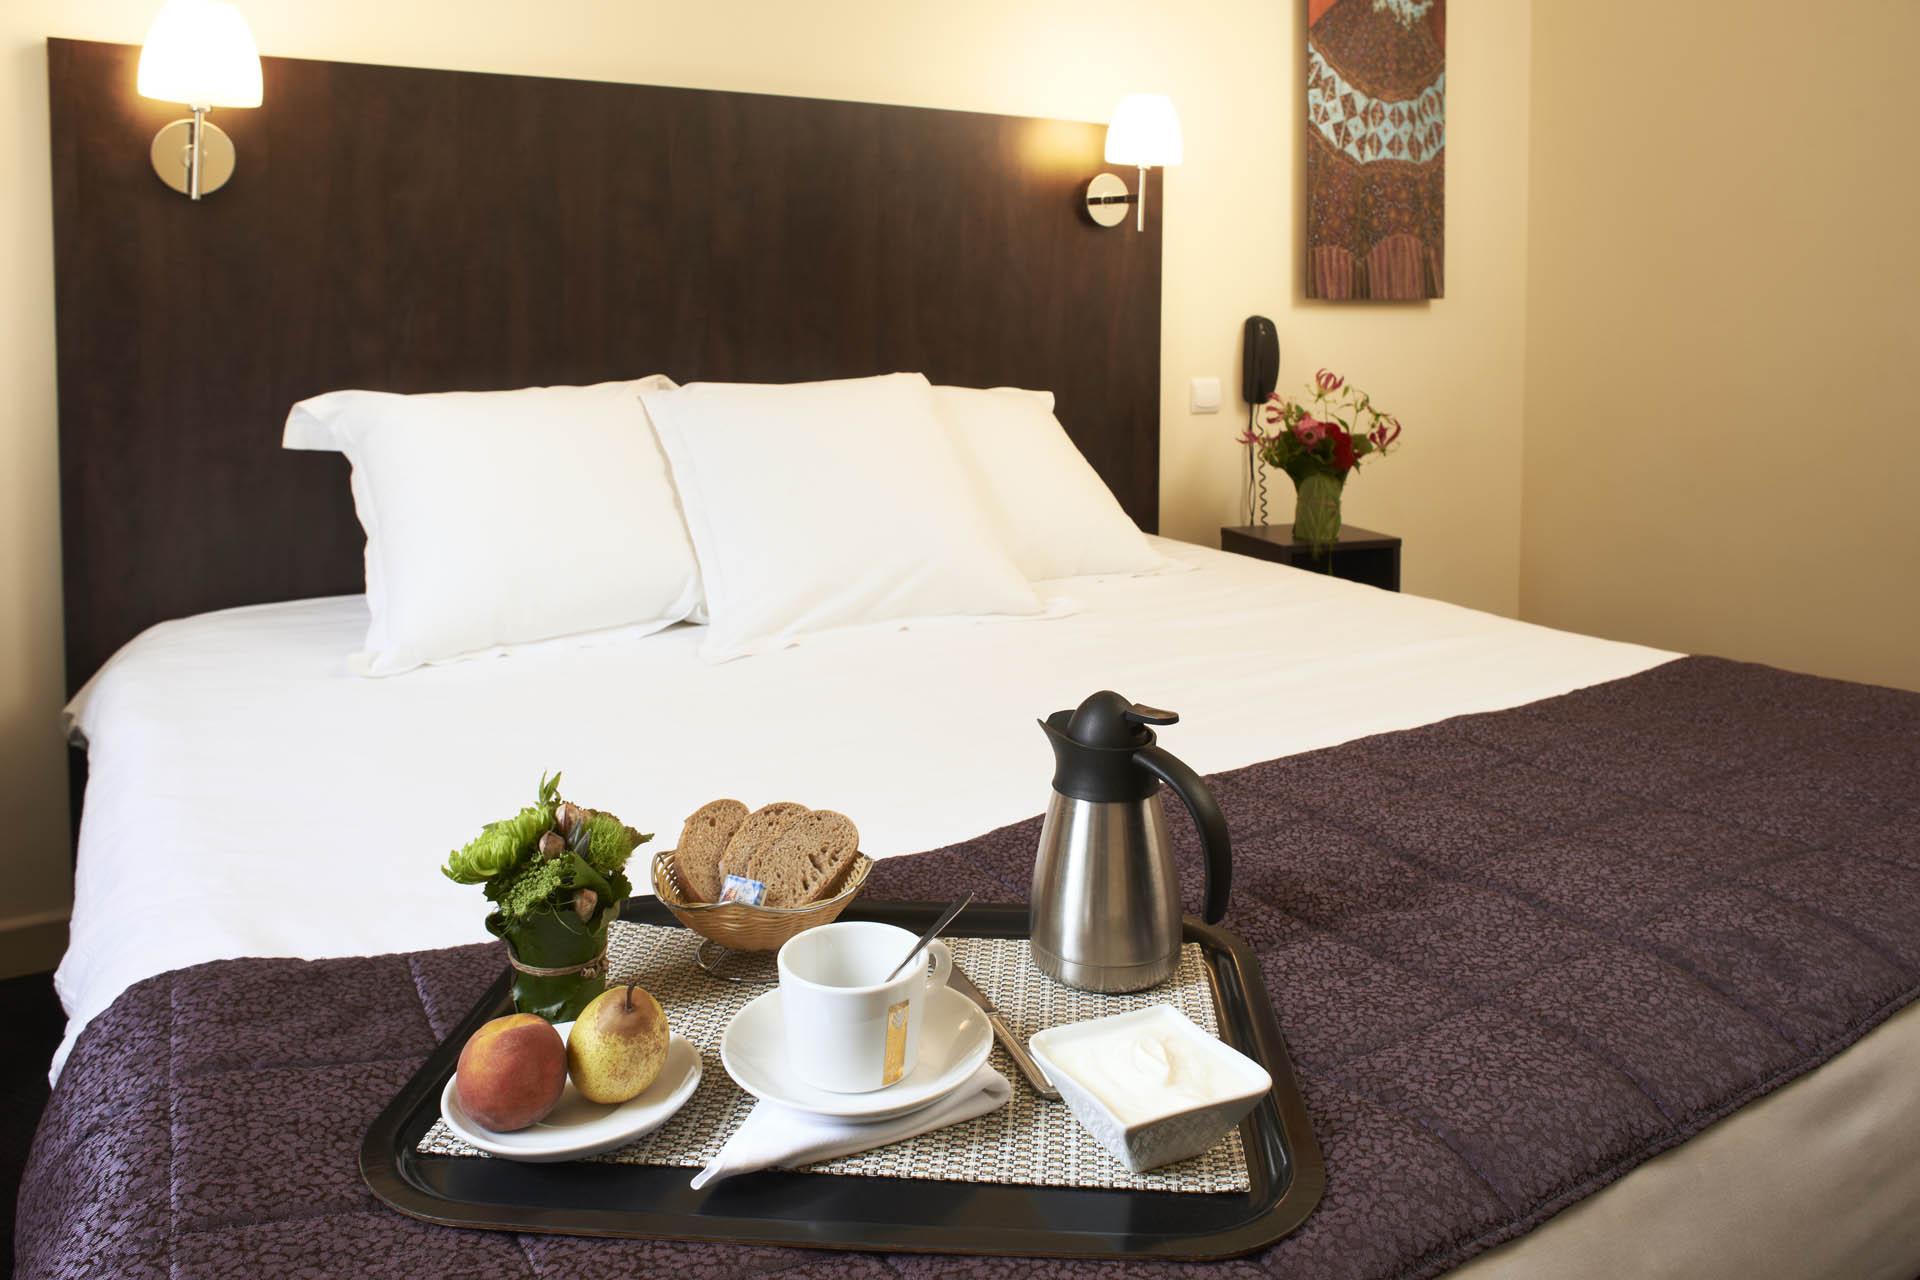 Hotel ski meribel savoy hotel trois toiles h tel ski for Hotel trois etoiles